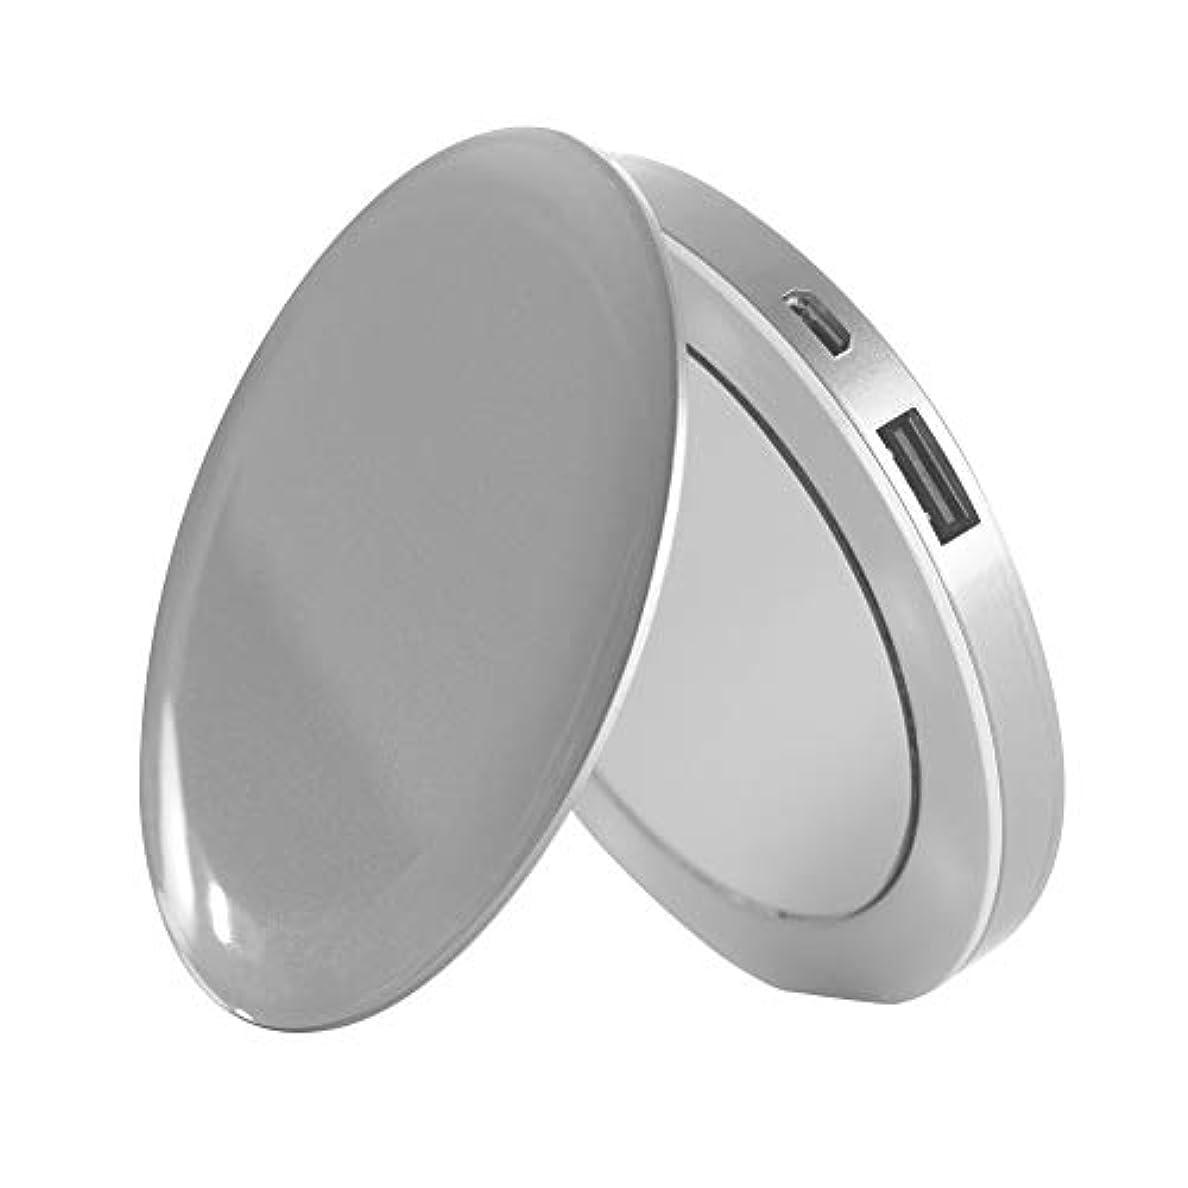 推測かすかな実り多いHYPER Pearl Compact Mirror [ パールシルバー ] コンパクトミラー&USBモバイルバッテリー